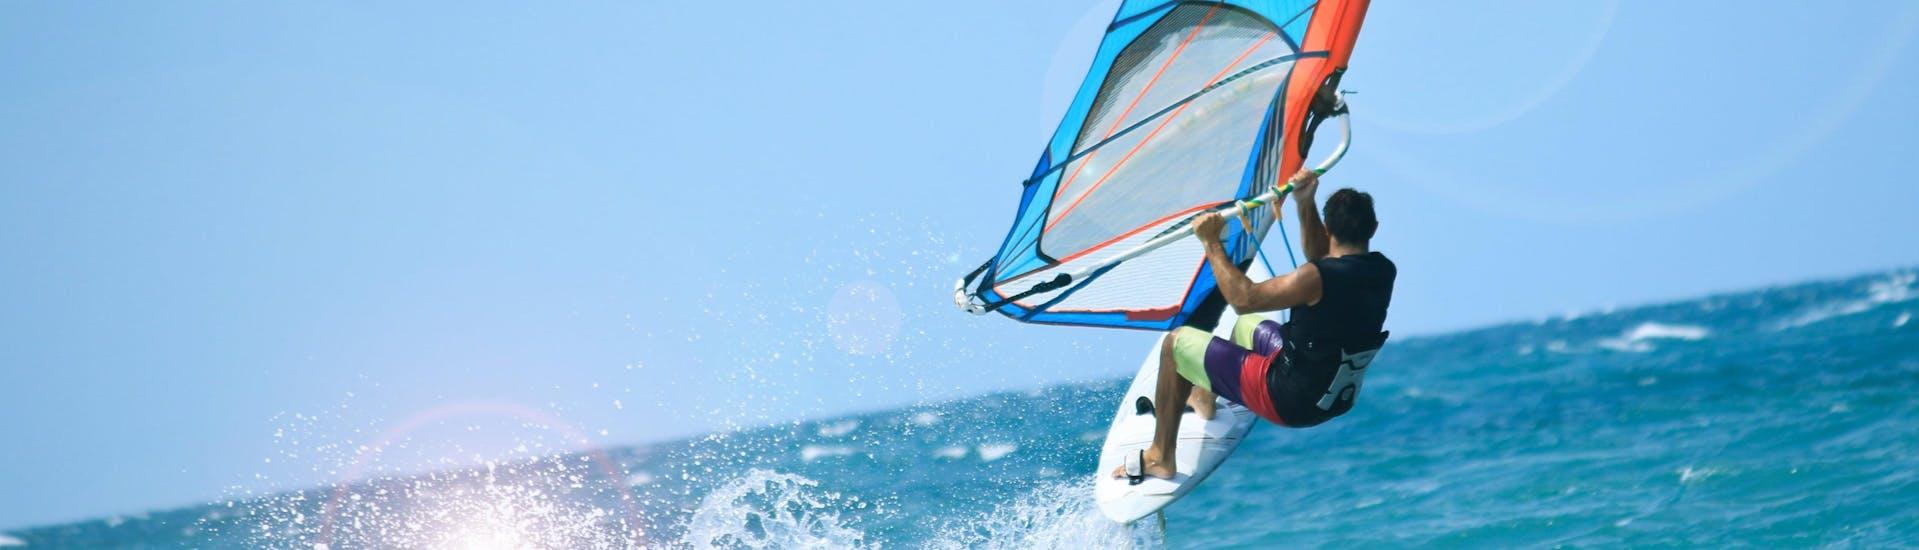 Un jeune homme fait de la planche à voile dans la destination populaire de windsurf Portugal.